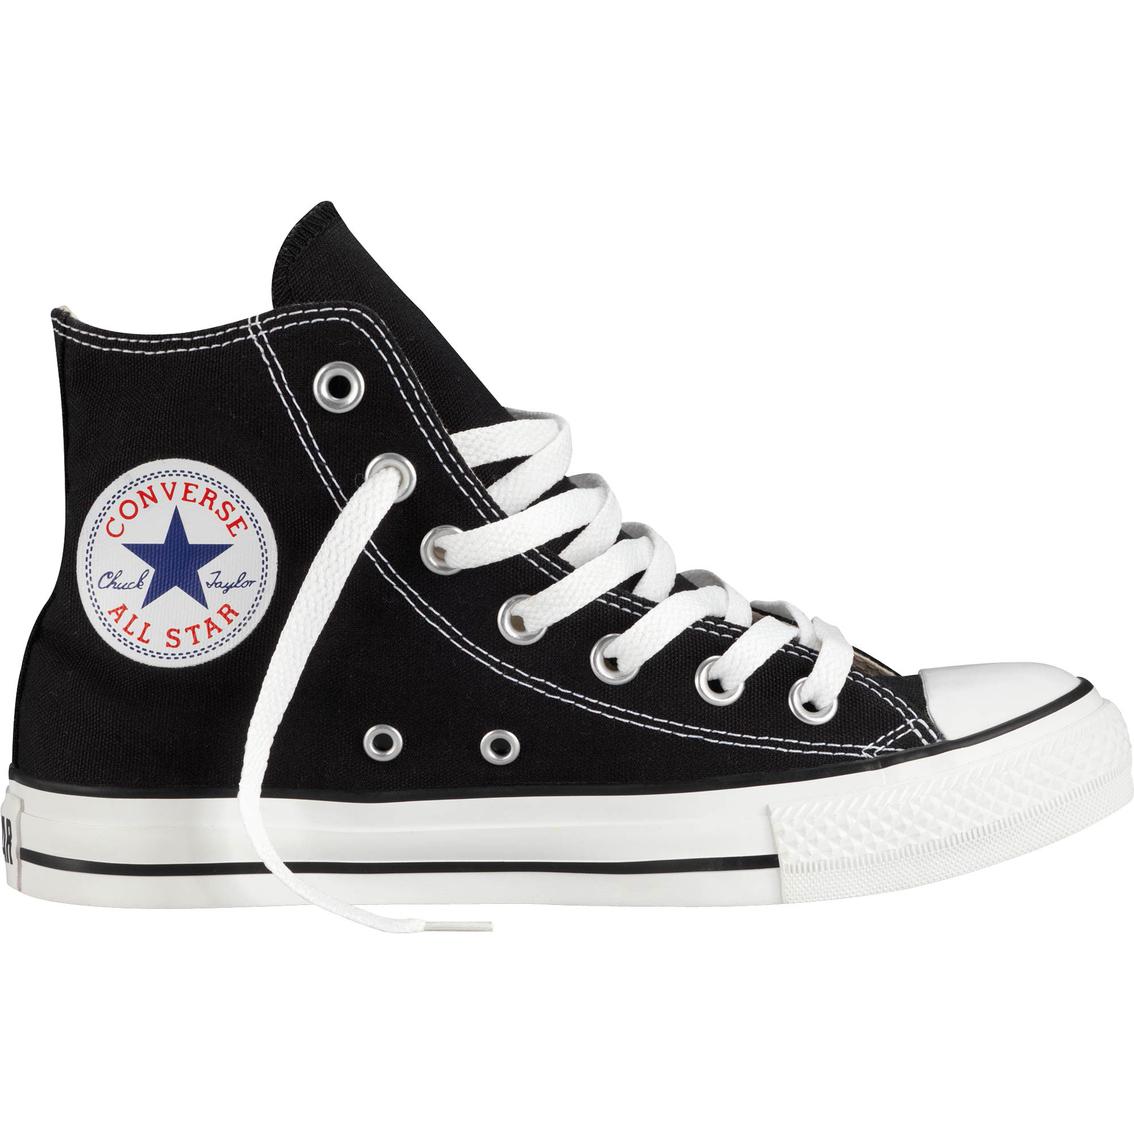 dee3a4d04ce2 Converse Men s Chuck Taylor All Star Hi Sneakers